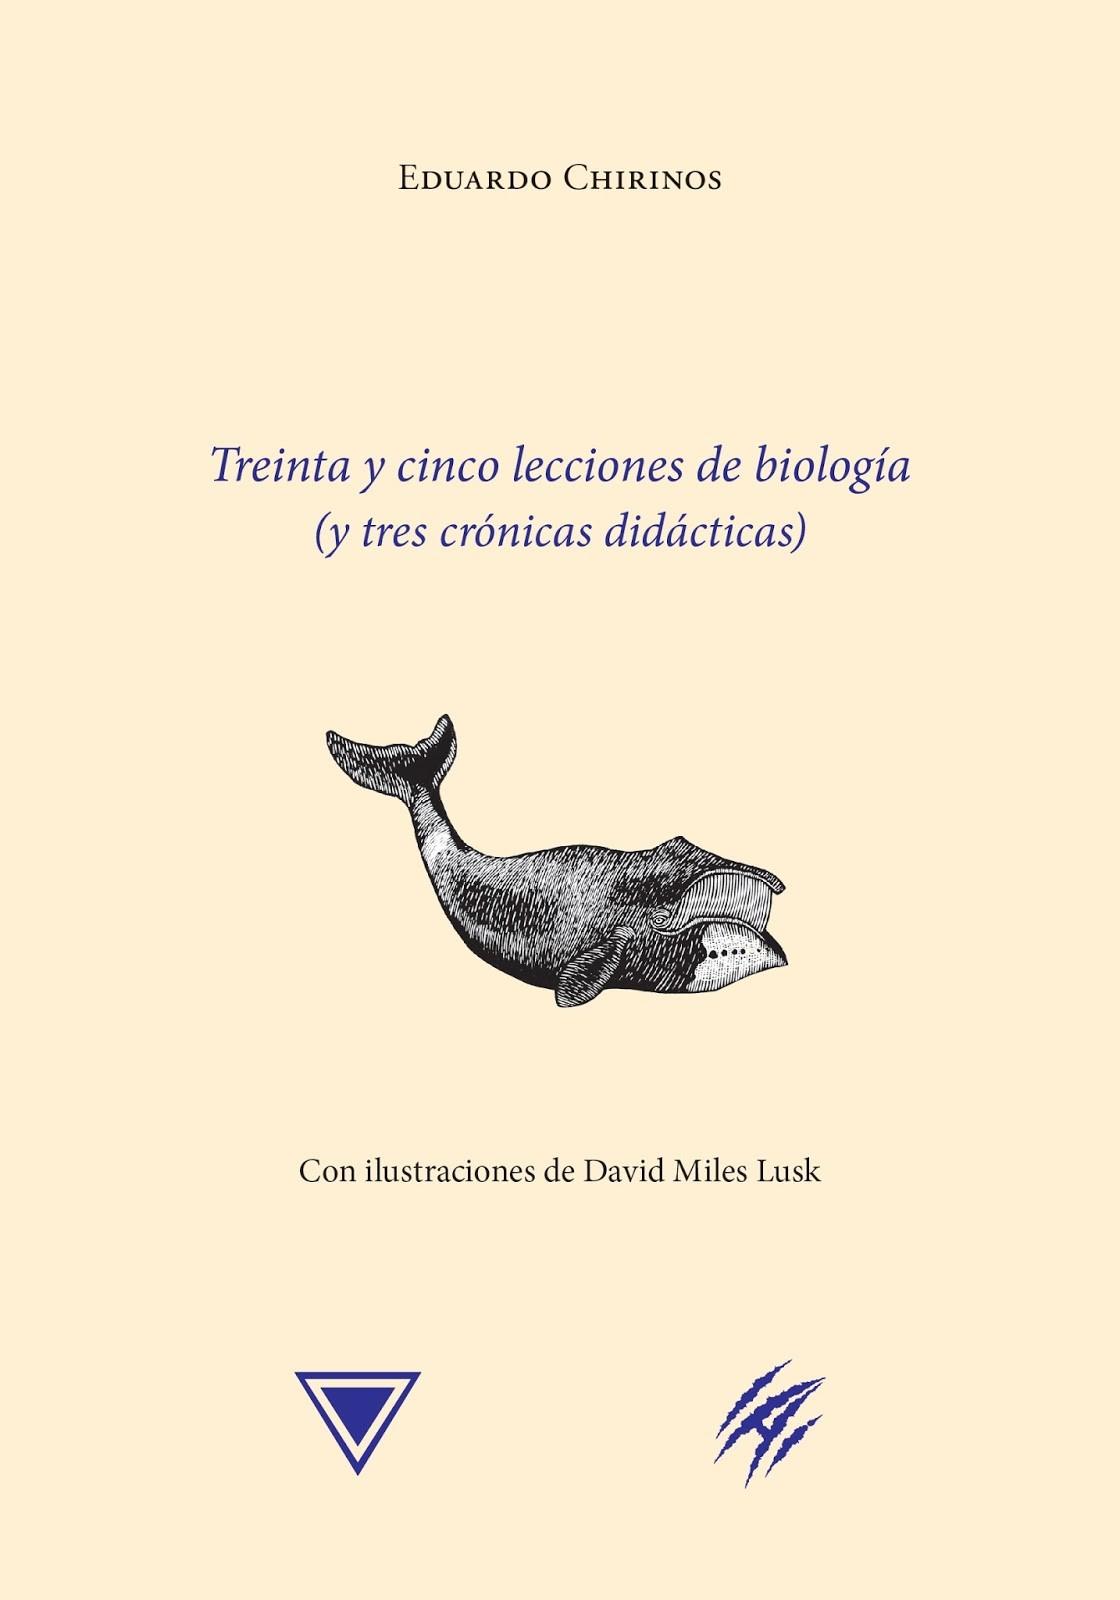 Treinta y cinco lecciones de biología (y tres crónicas didácticas)